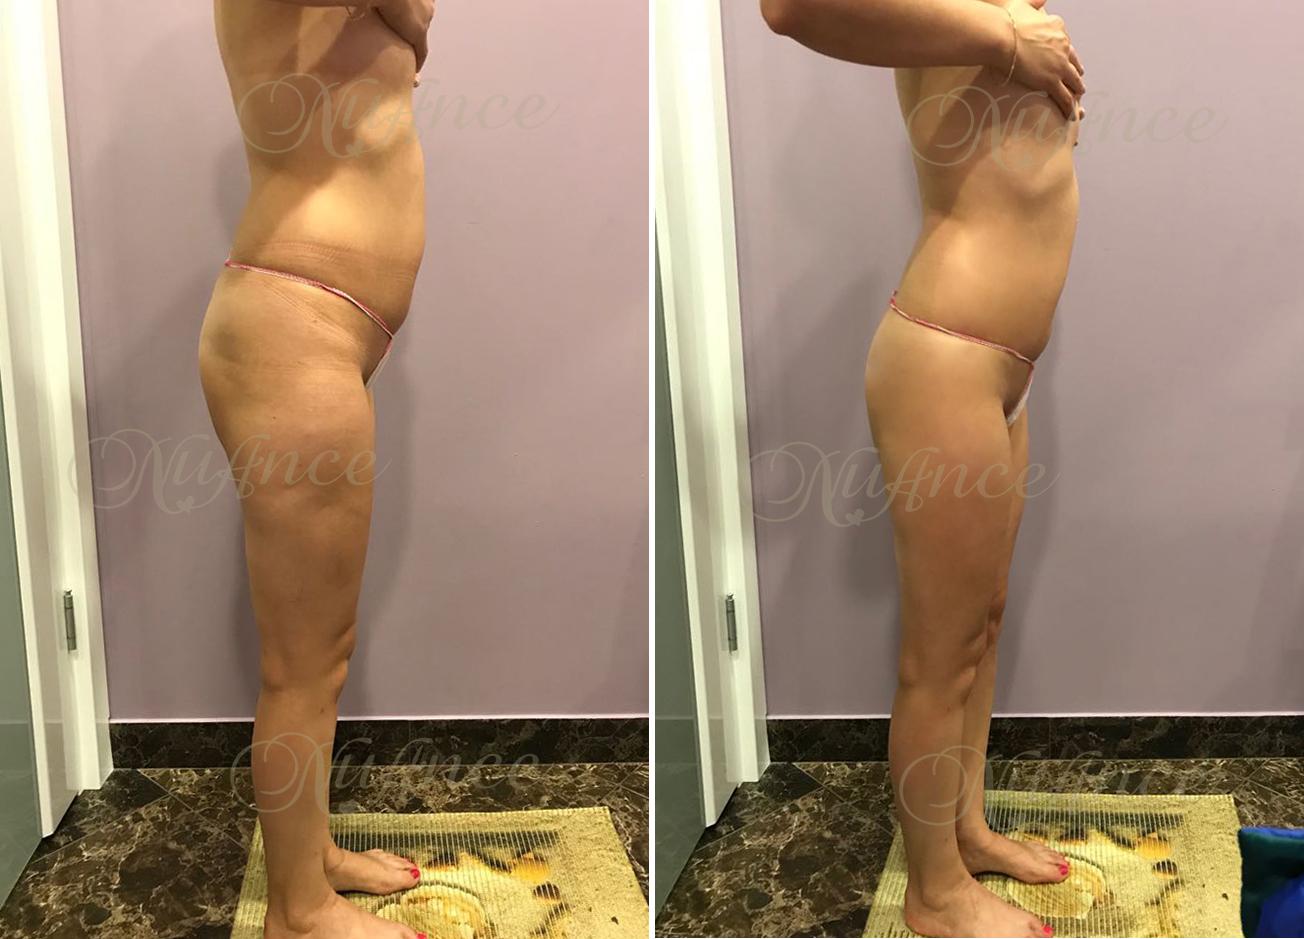 Результат Похудения При Обертывании. Обматывание пищевой пленкой и похудение с ее помощью в домашних условиях